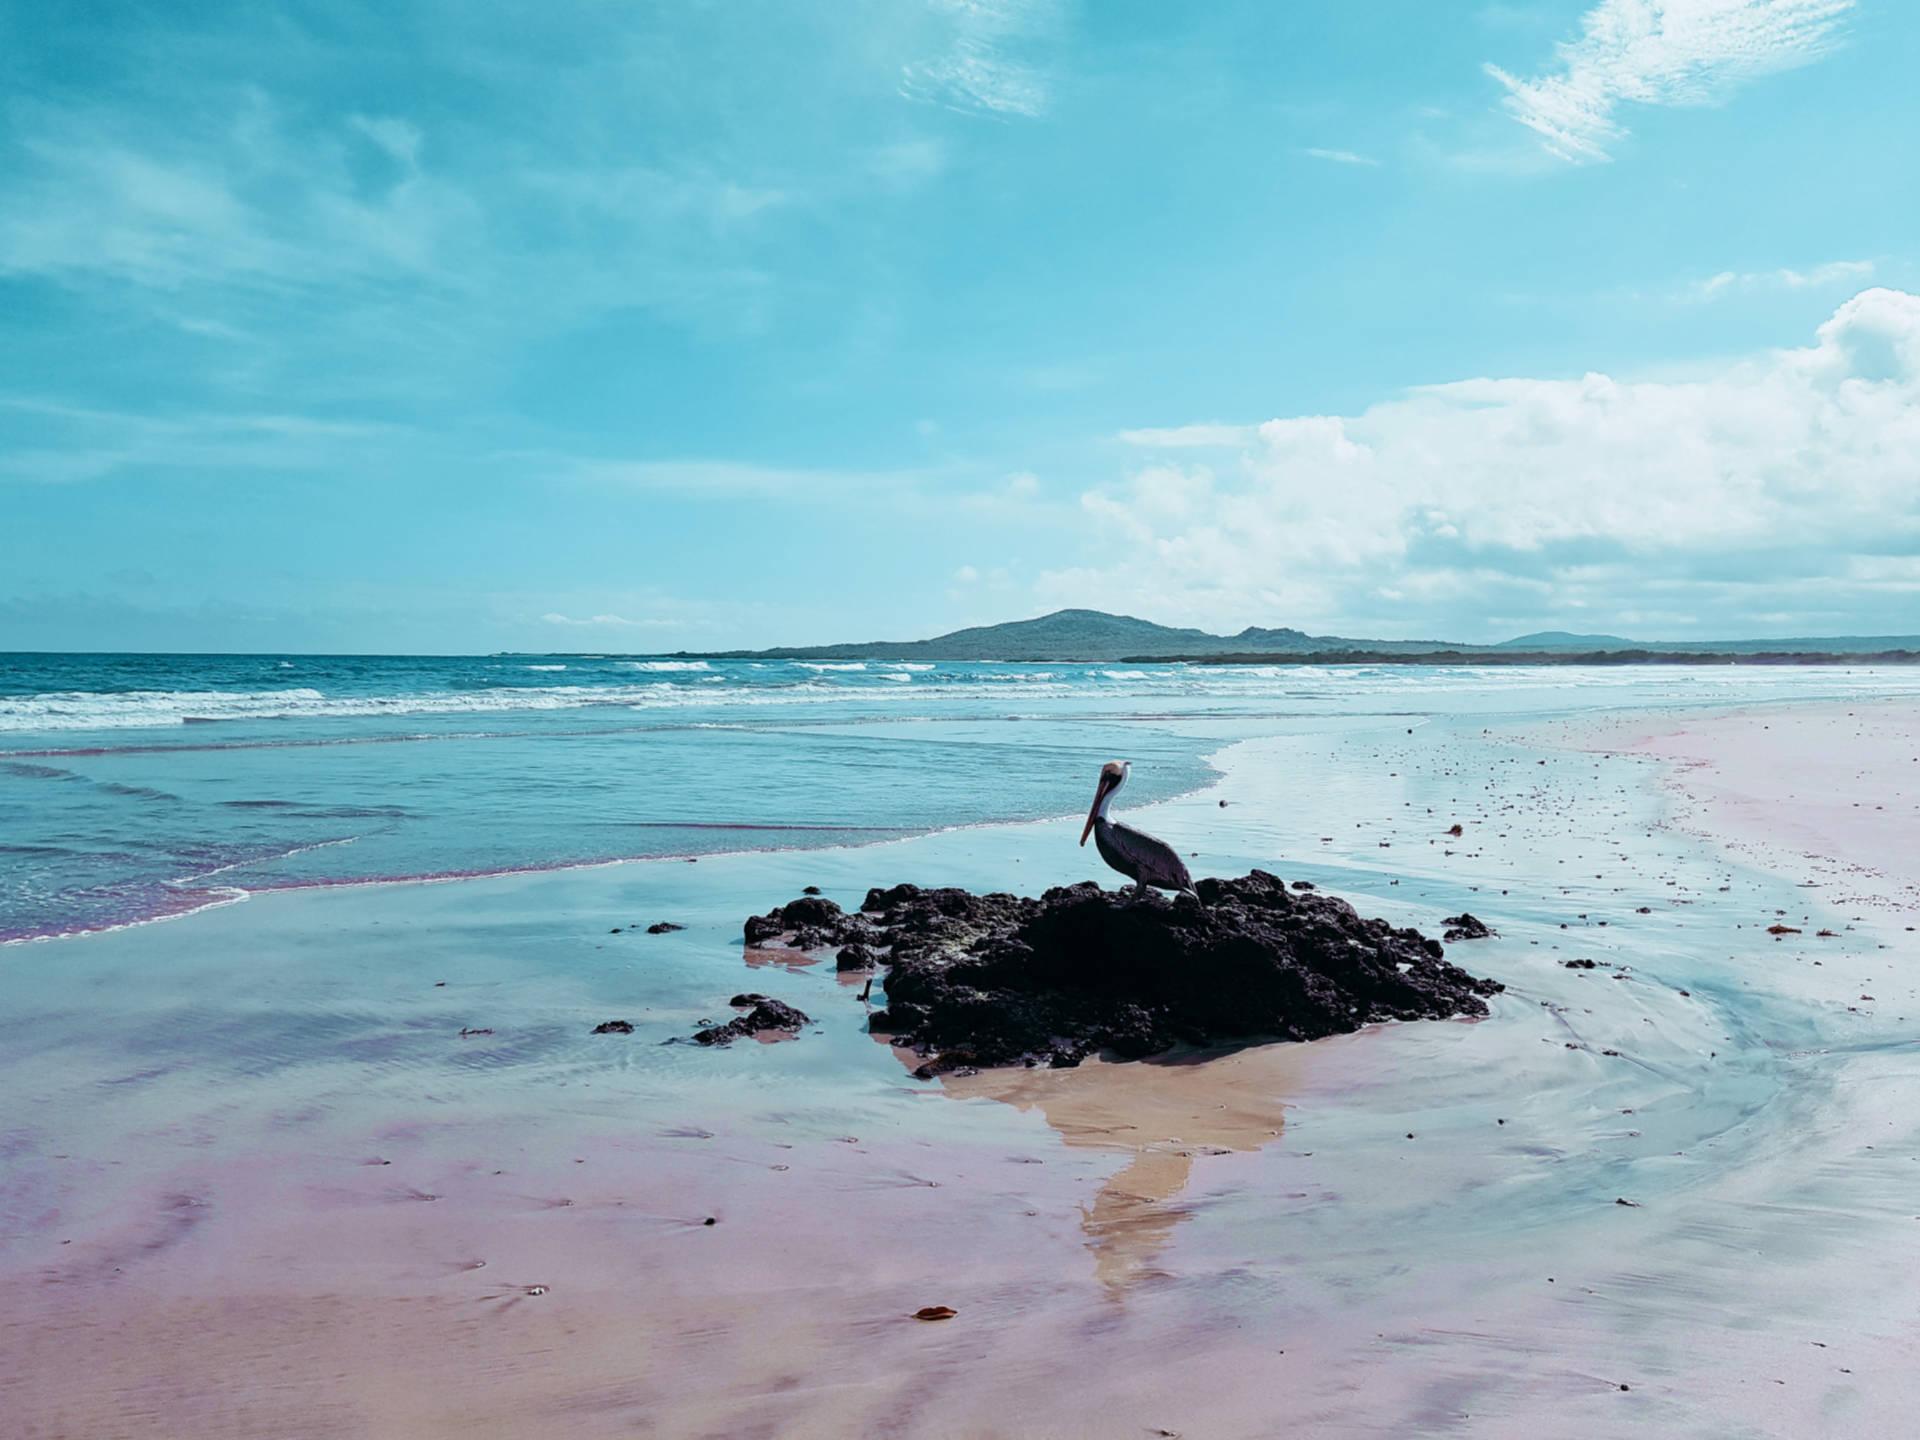 Jak tanio zwiedzić Wyspy Galapagos Darmowe atrakcje nawyspach (11)